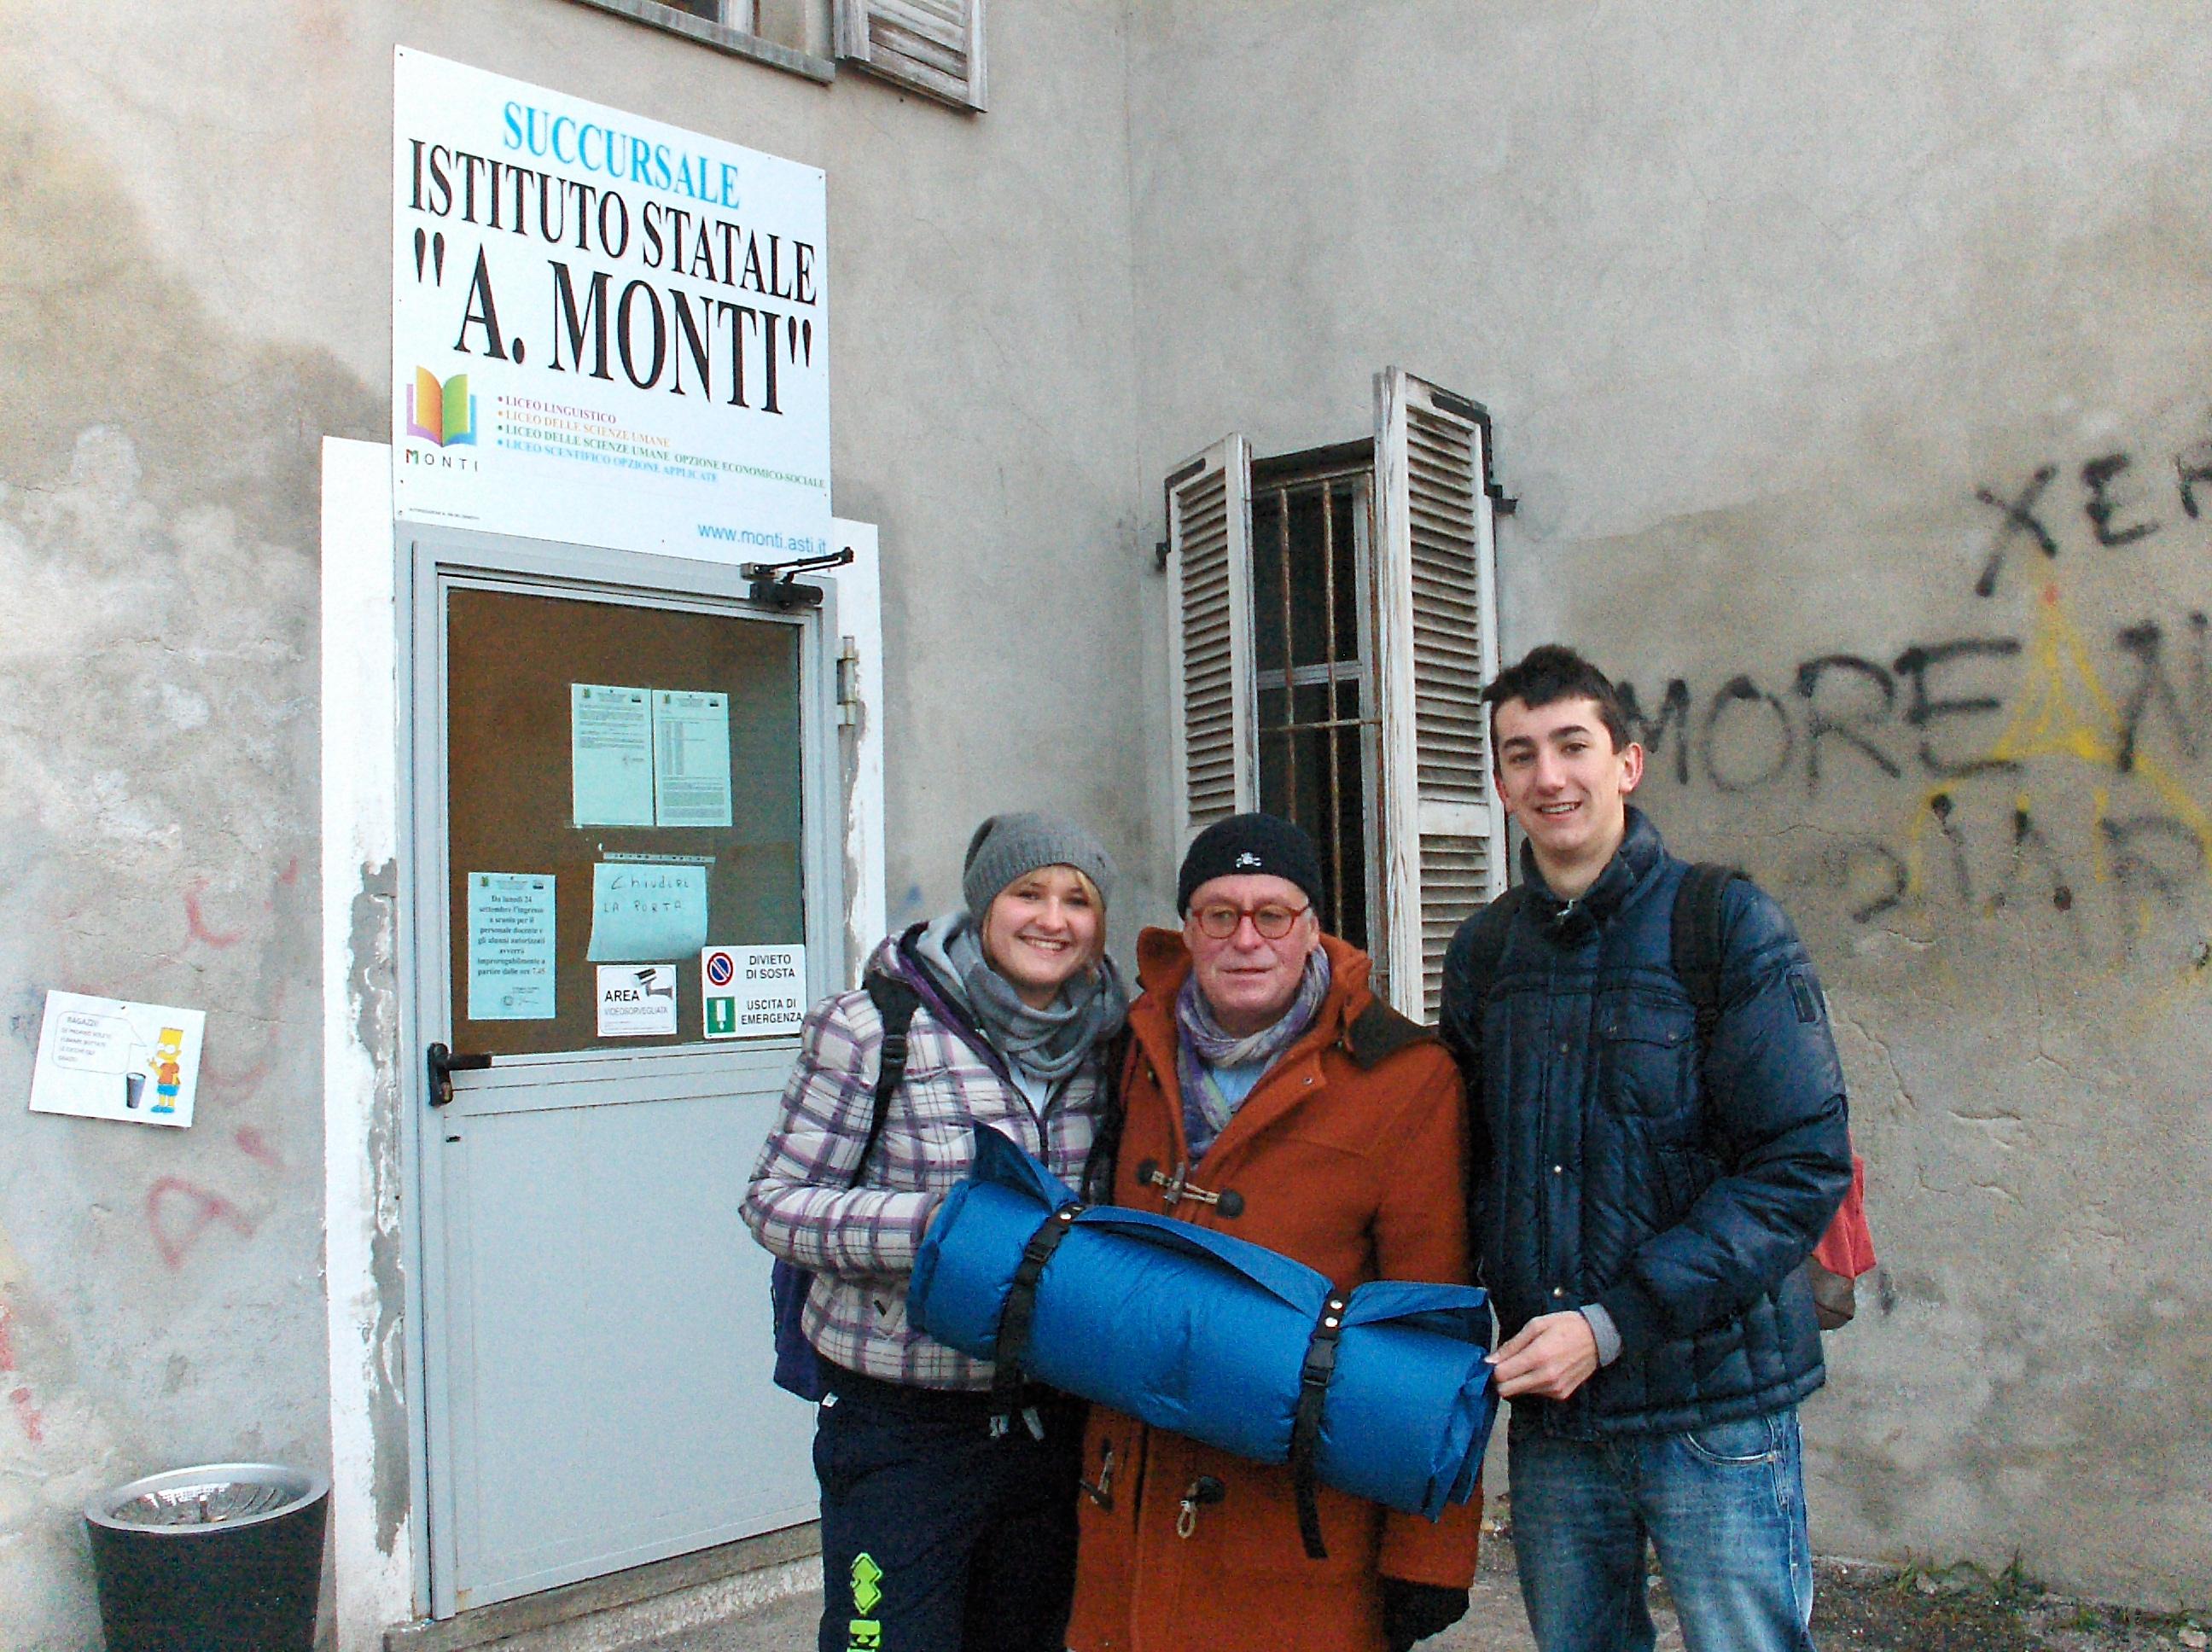 Le immagini dell'occupazione all'Istituto Monti